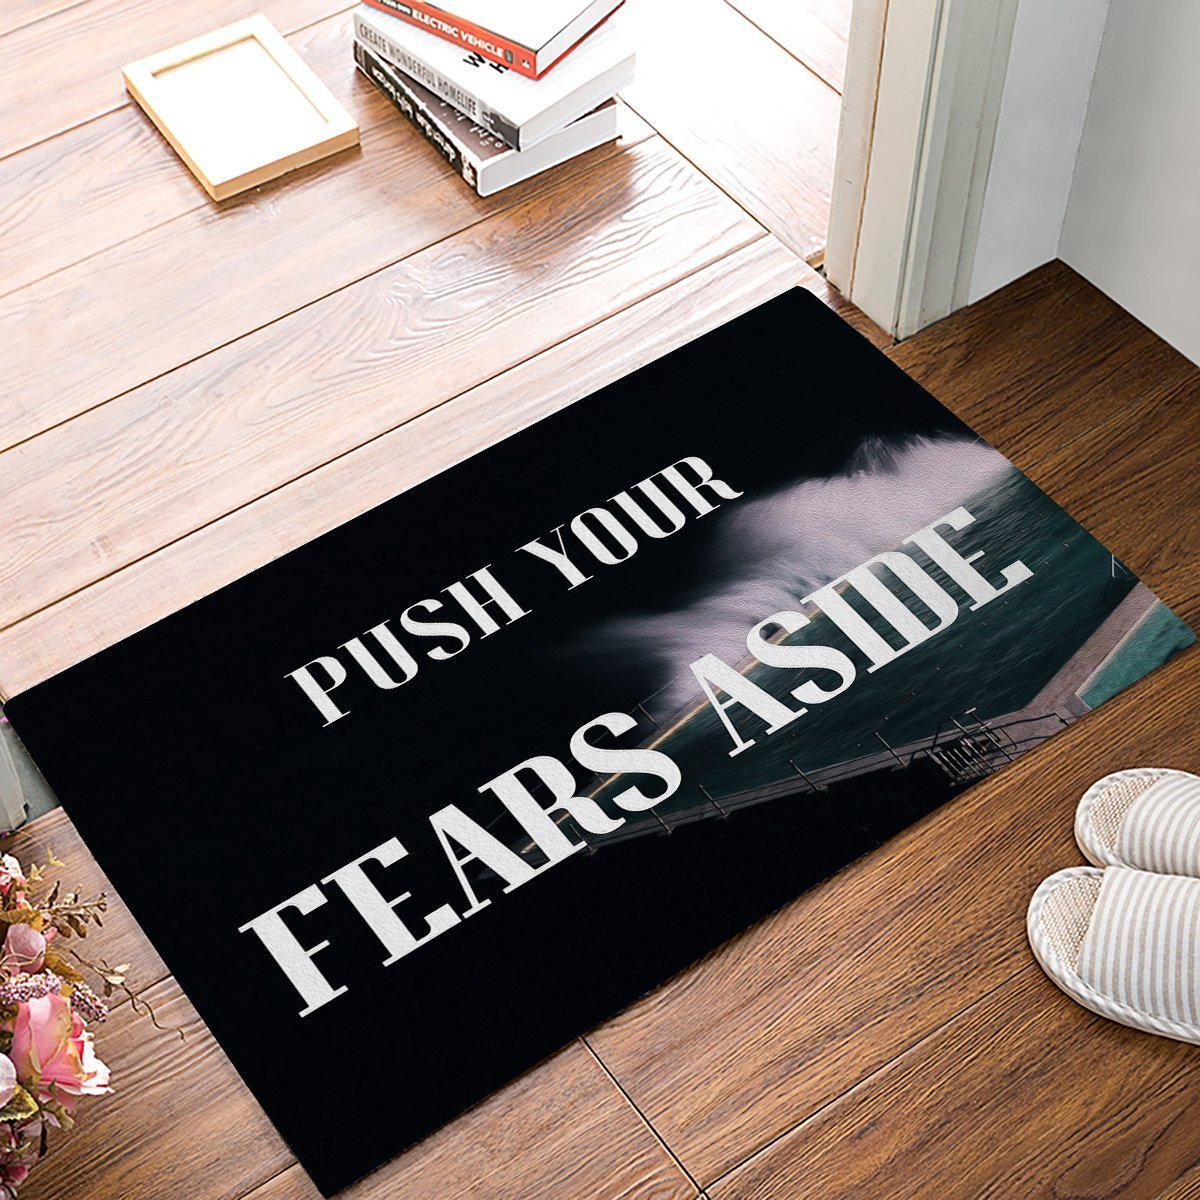 Push Your Fears Aside - Summer Swimming Pool Door Mats Kitchen Floor Bath Entrance Rug Mat Absorbent Indoor Bathroom Rubber floor